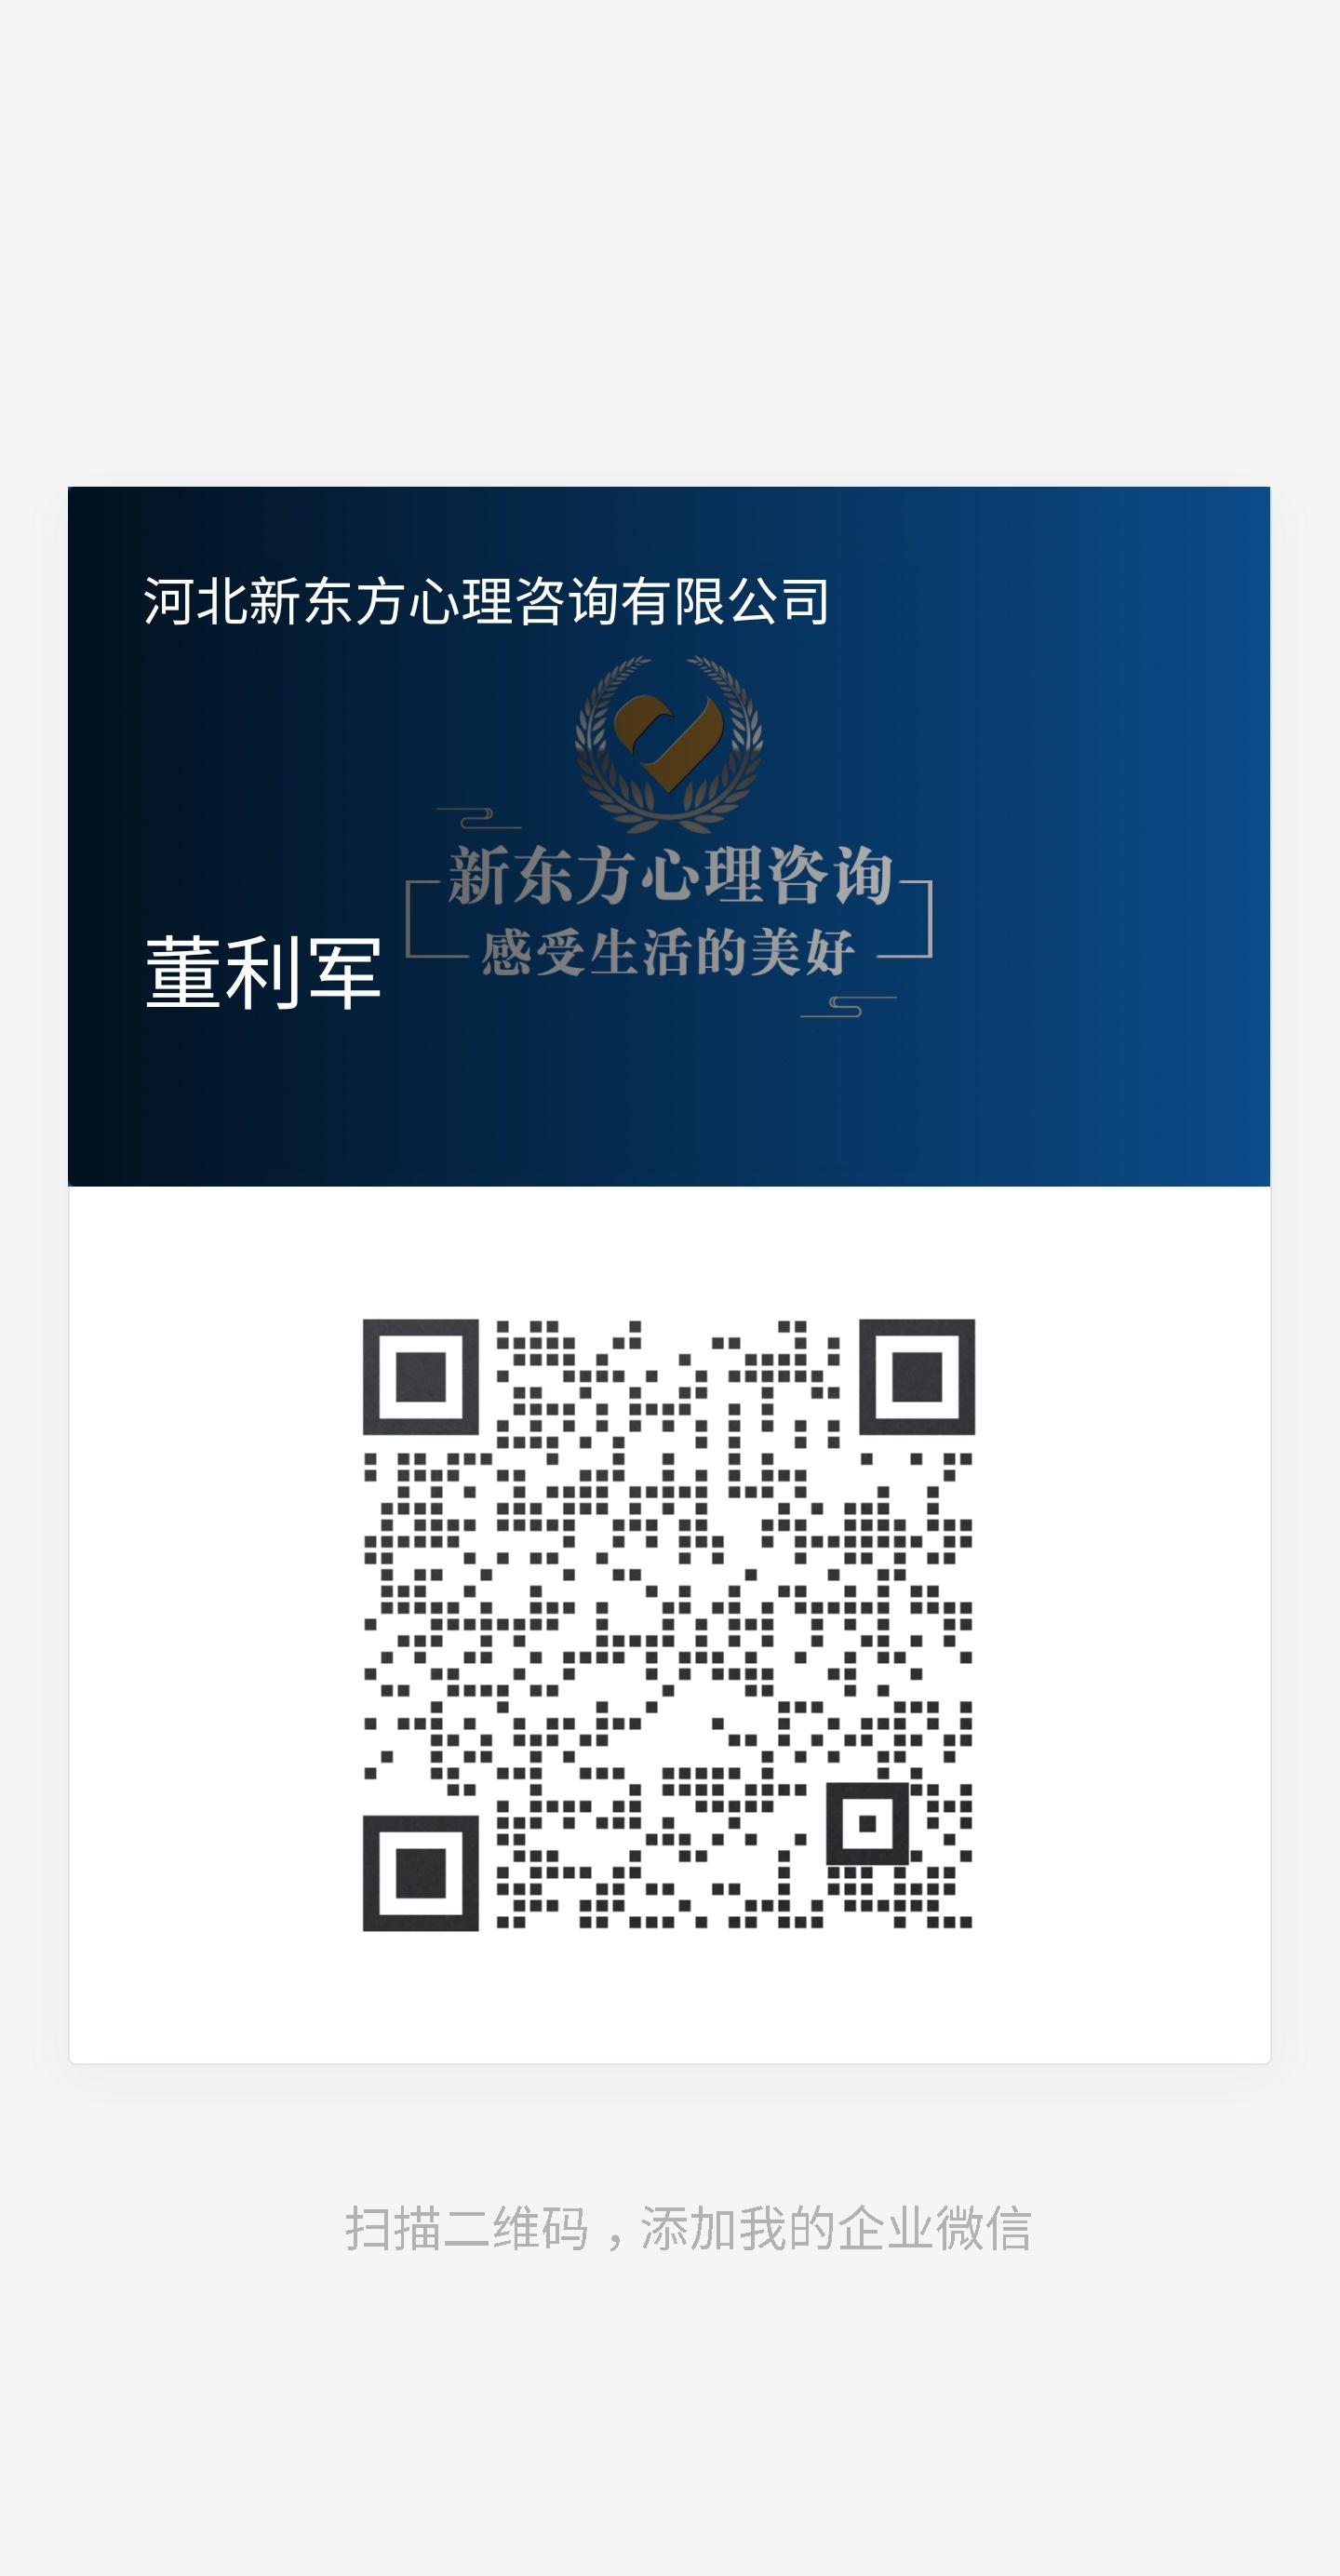 新东方心理咨询企业微信